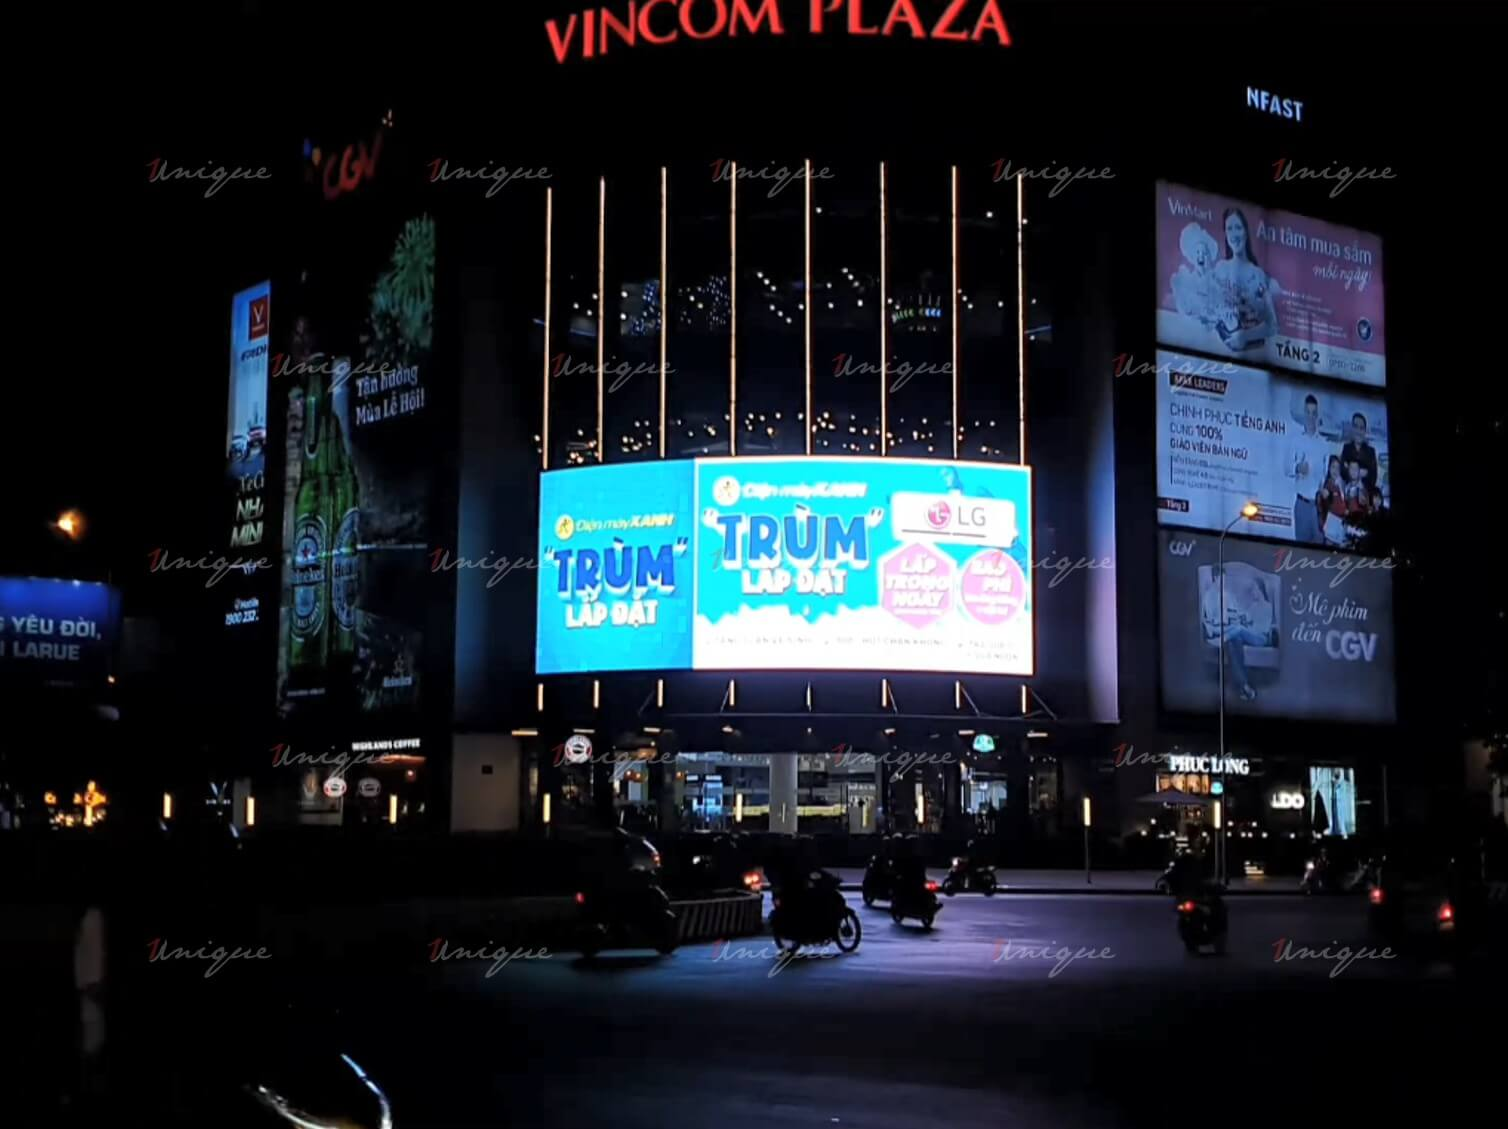 Màn hình led quảng cáo tại Vincom Plaza Vincom Plaza Hùng Vương - Ninh Kiều, Cần Thơ